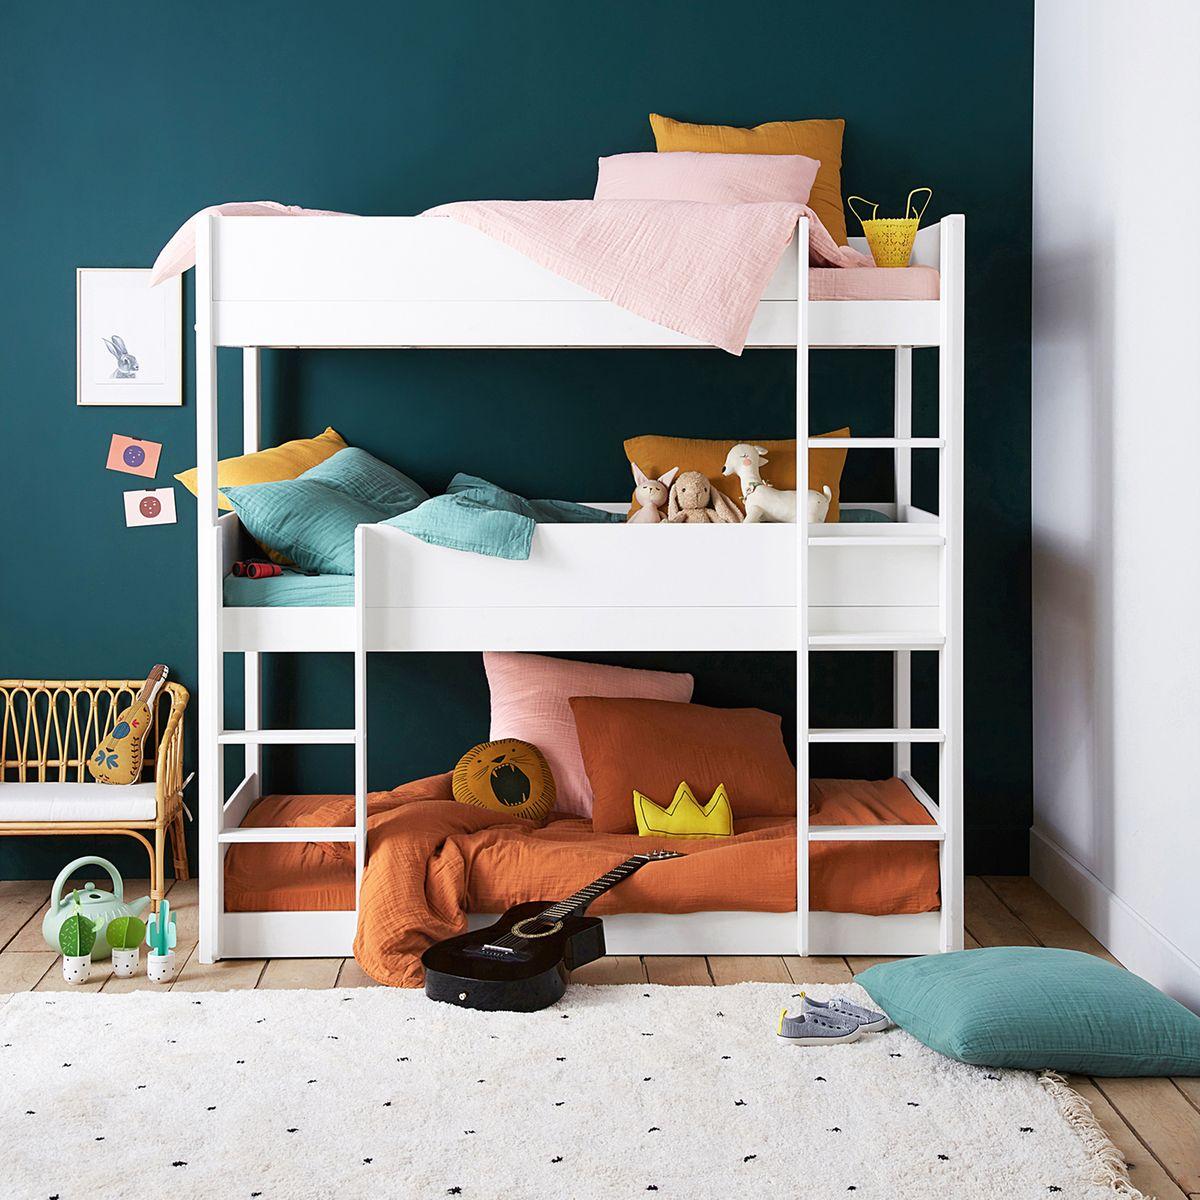 Aménagez un dortoir pour les enfants - Joli Place